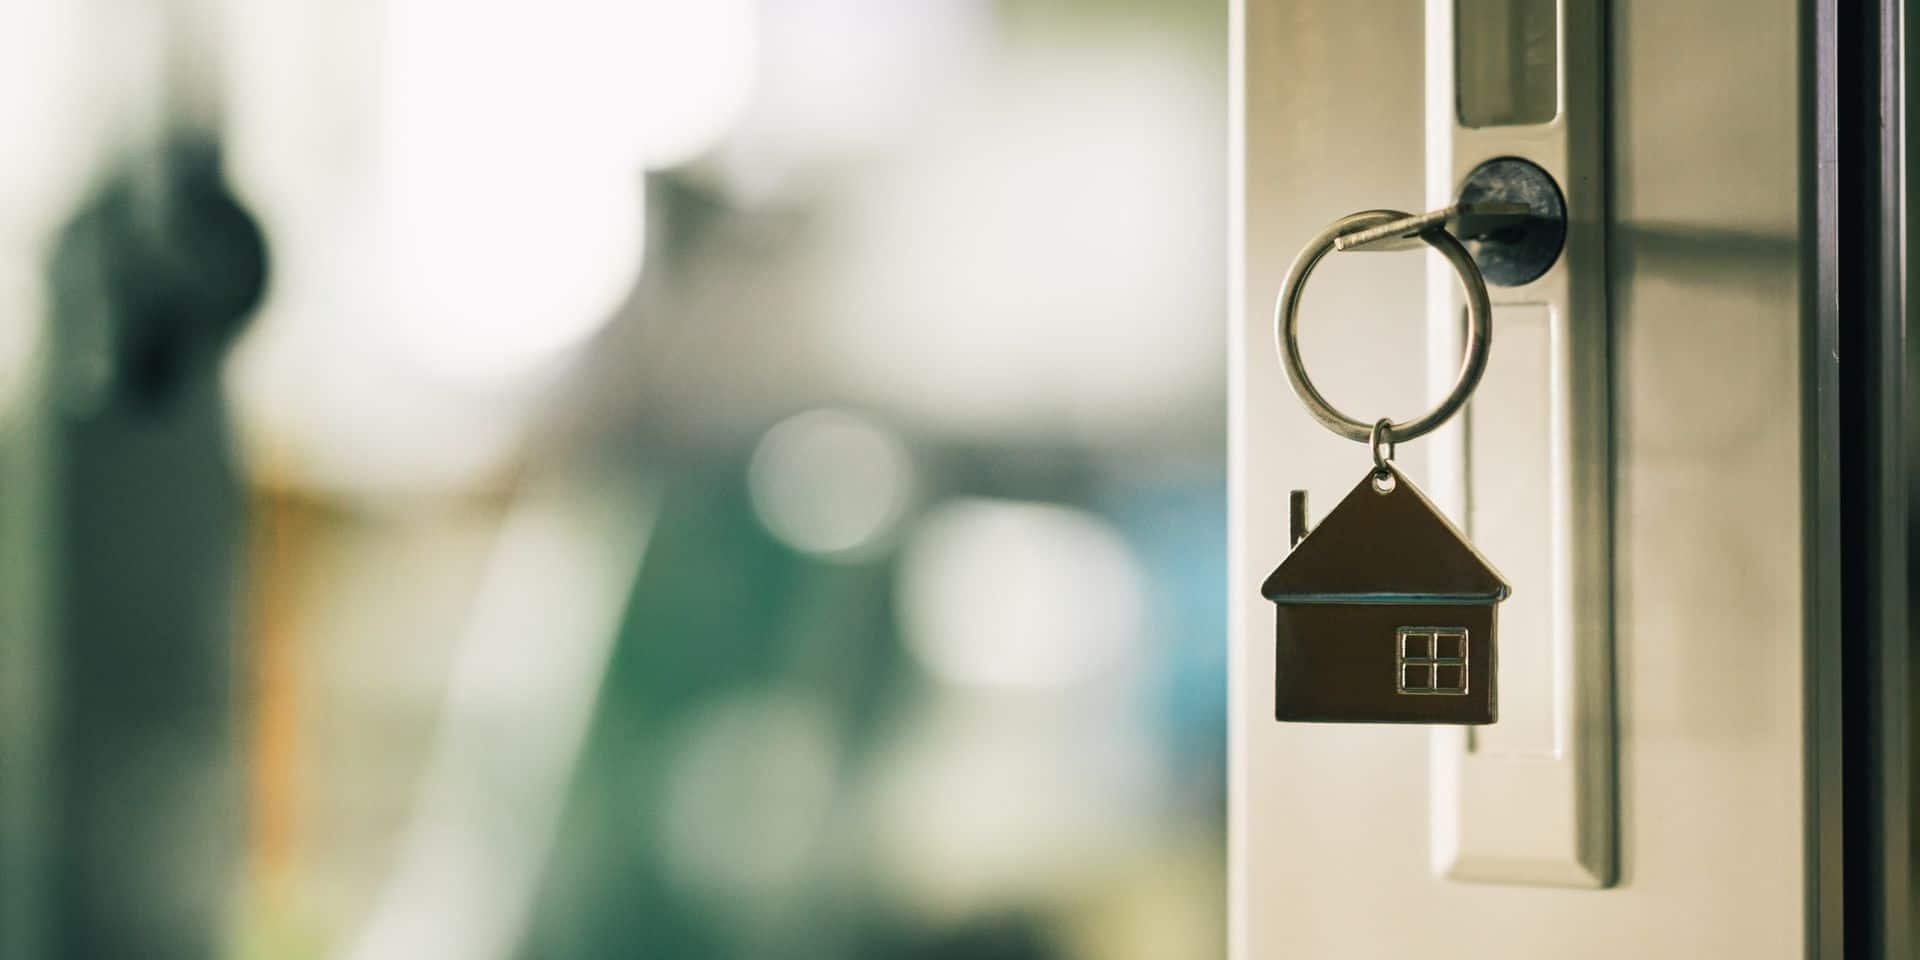 Les raisons de l'intérêt des investisseurs pour l'immobilier résidentiel en Belgique